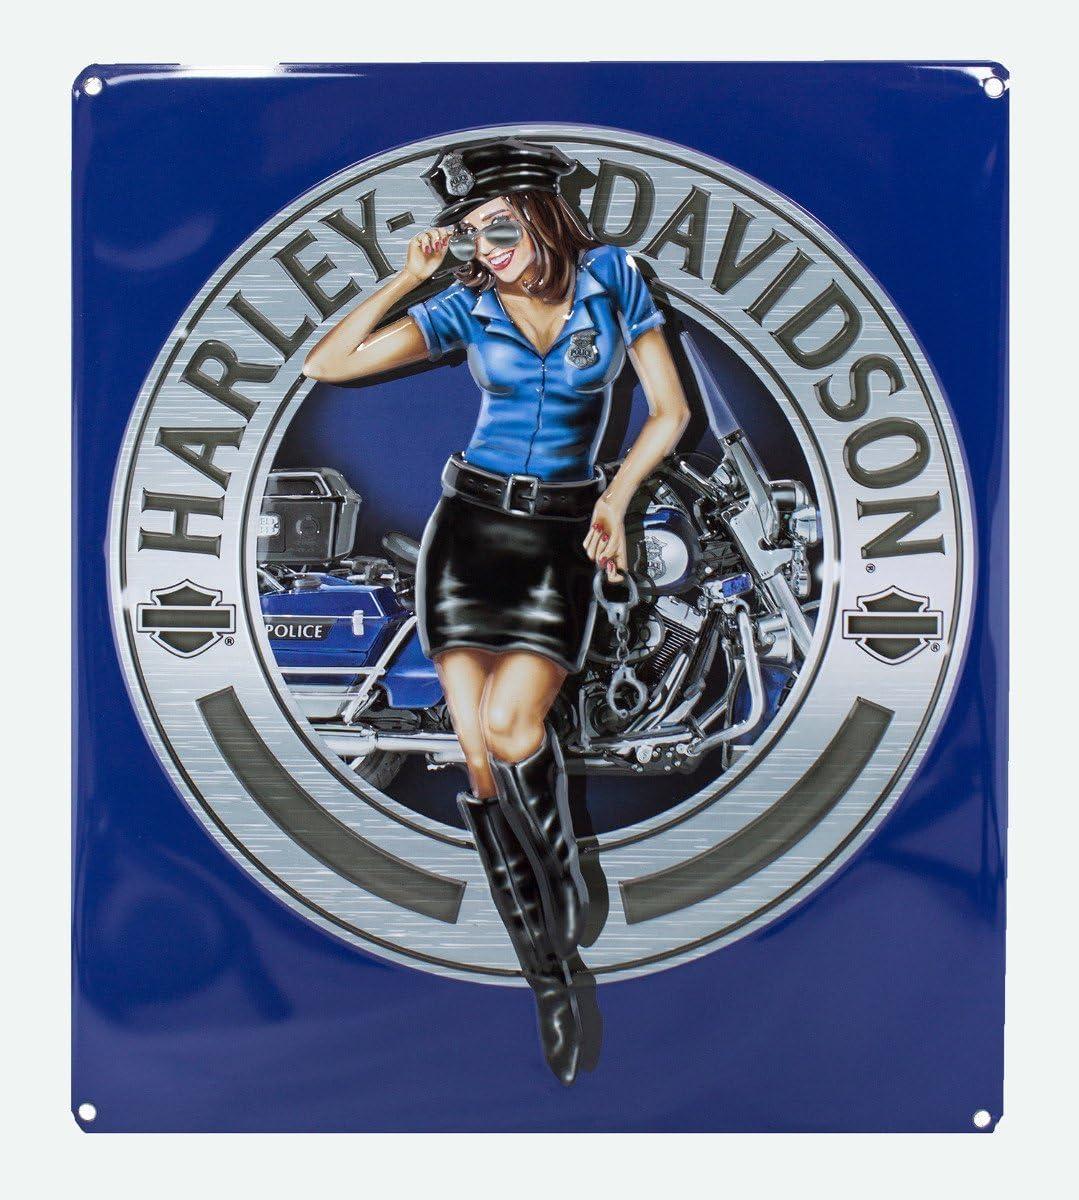 Ande Rooney Harley Davidson Police Babe Sign